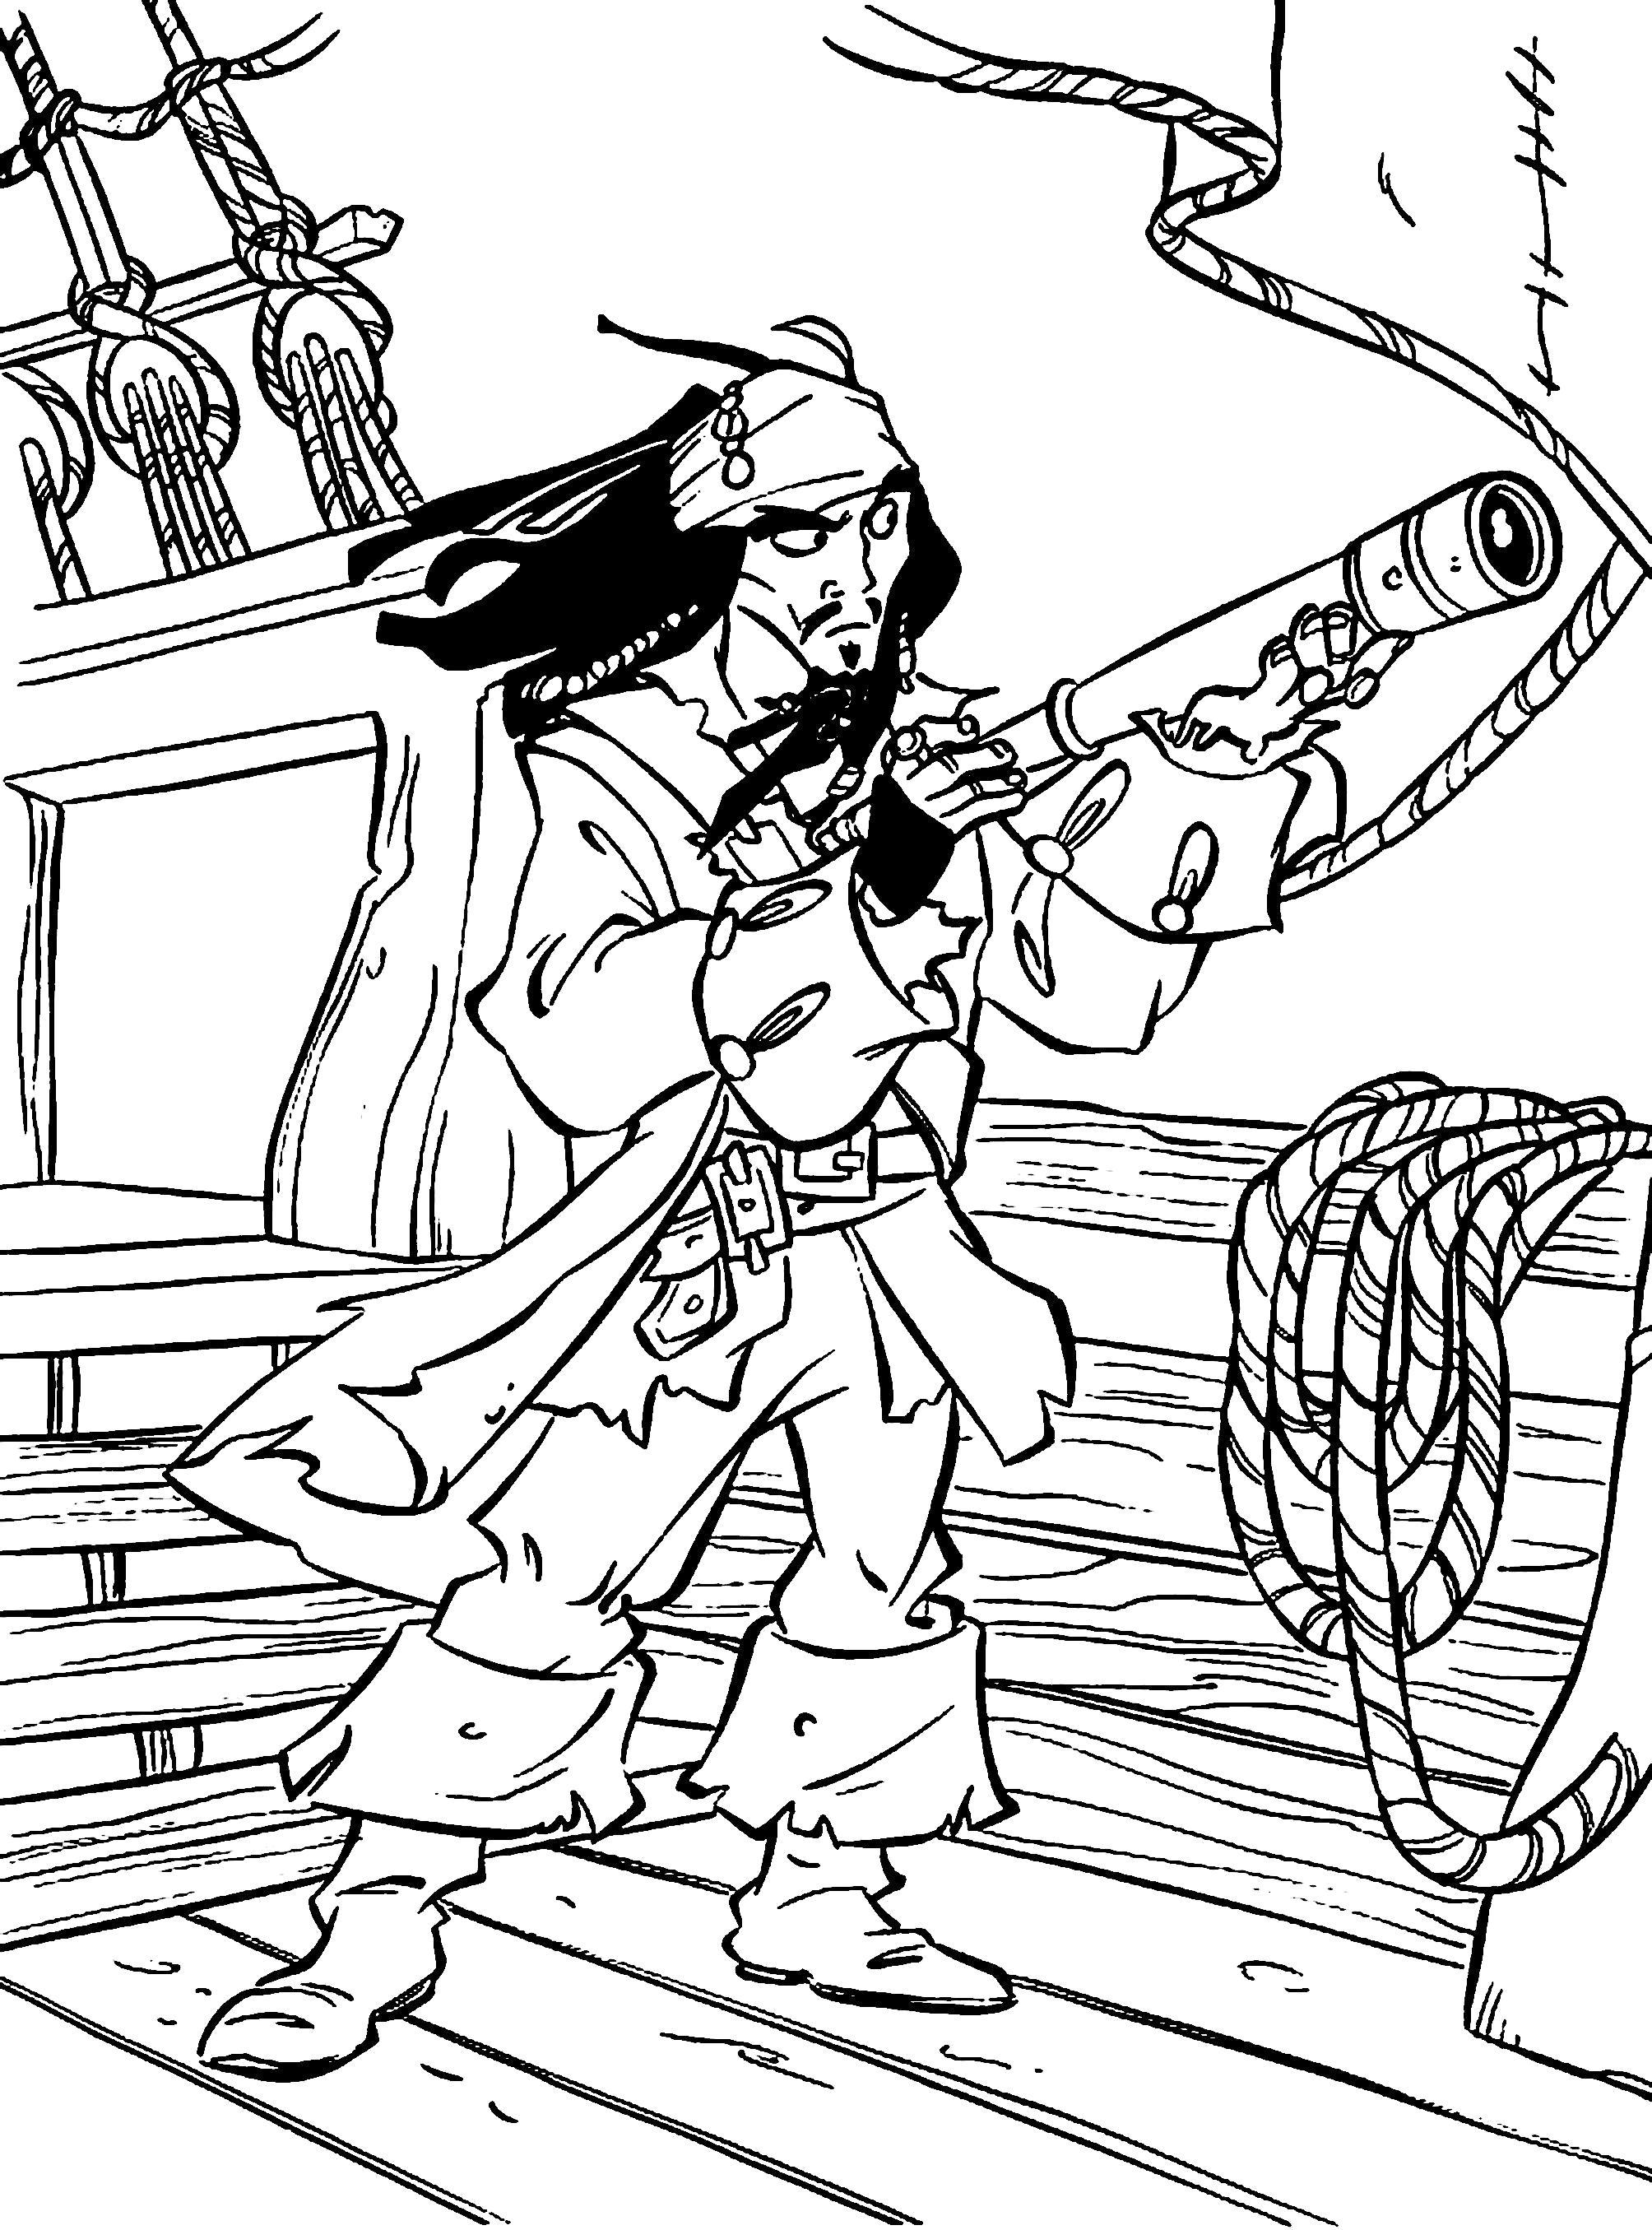 Раскраска Джек воробей. Скачать Пират.  Распечатать Пират